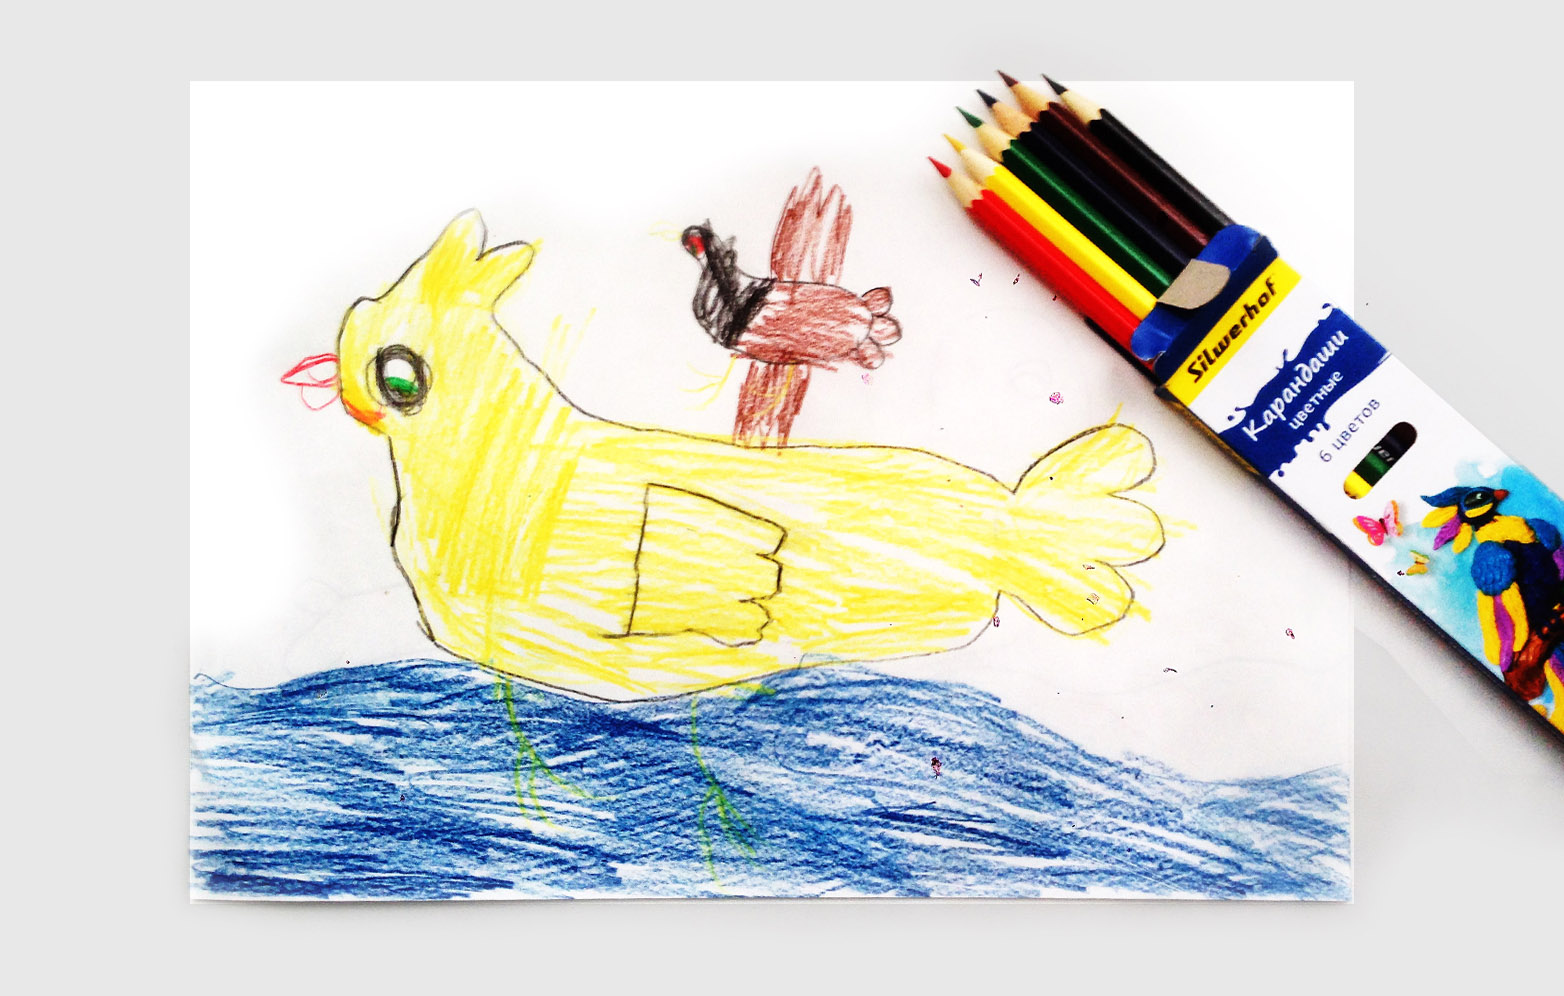 50 nbsp оттенков яркого  ищем   хорошие    цветные карандаши в nbsp Саранске 008